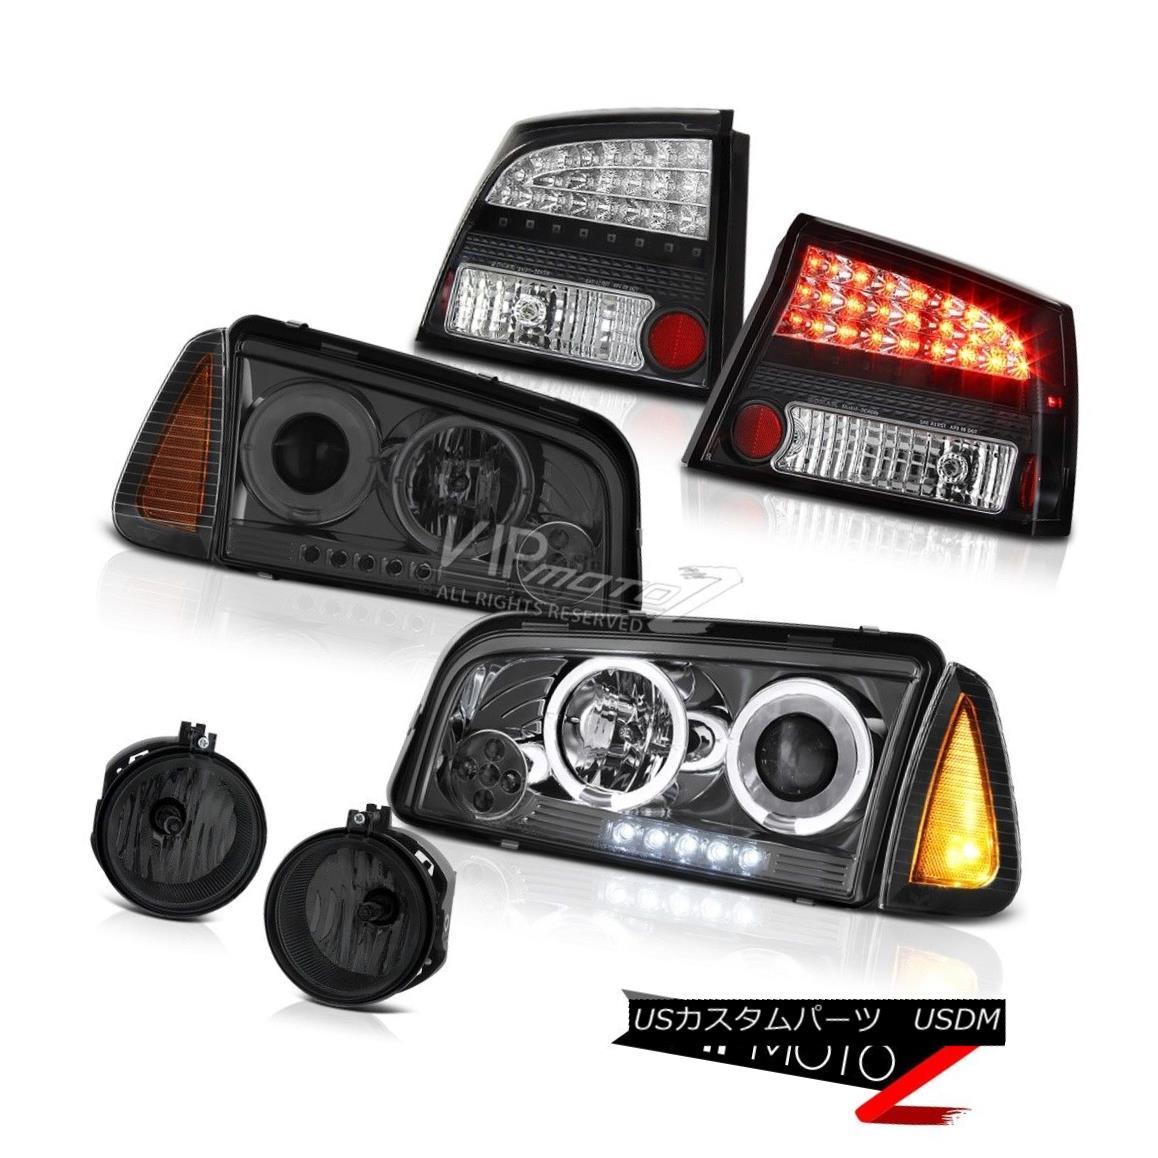 ヘッドライト 2009-2010 Dodge Charger 5.7L Smoked fog lights tail corner light Headlamps LED 2009-2010ダッジチャージャー5.7LスモークフォグライトテールコーナーライトヘッドランプLED